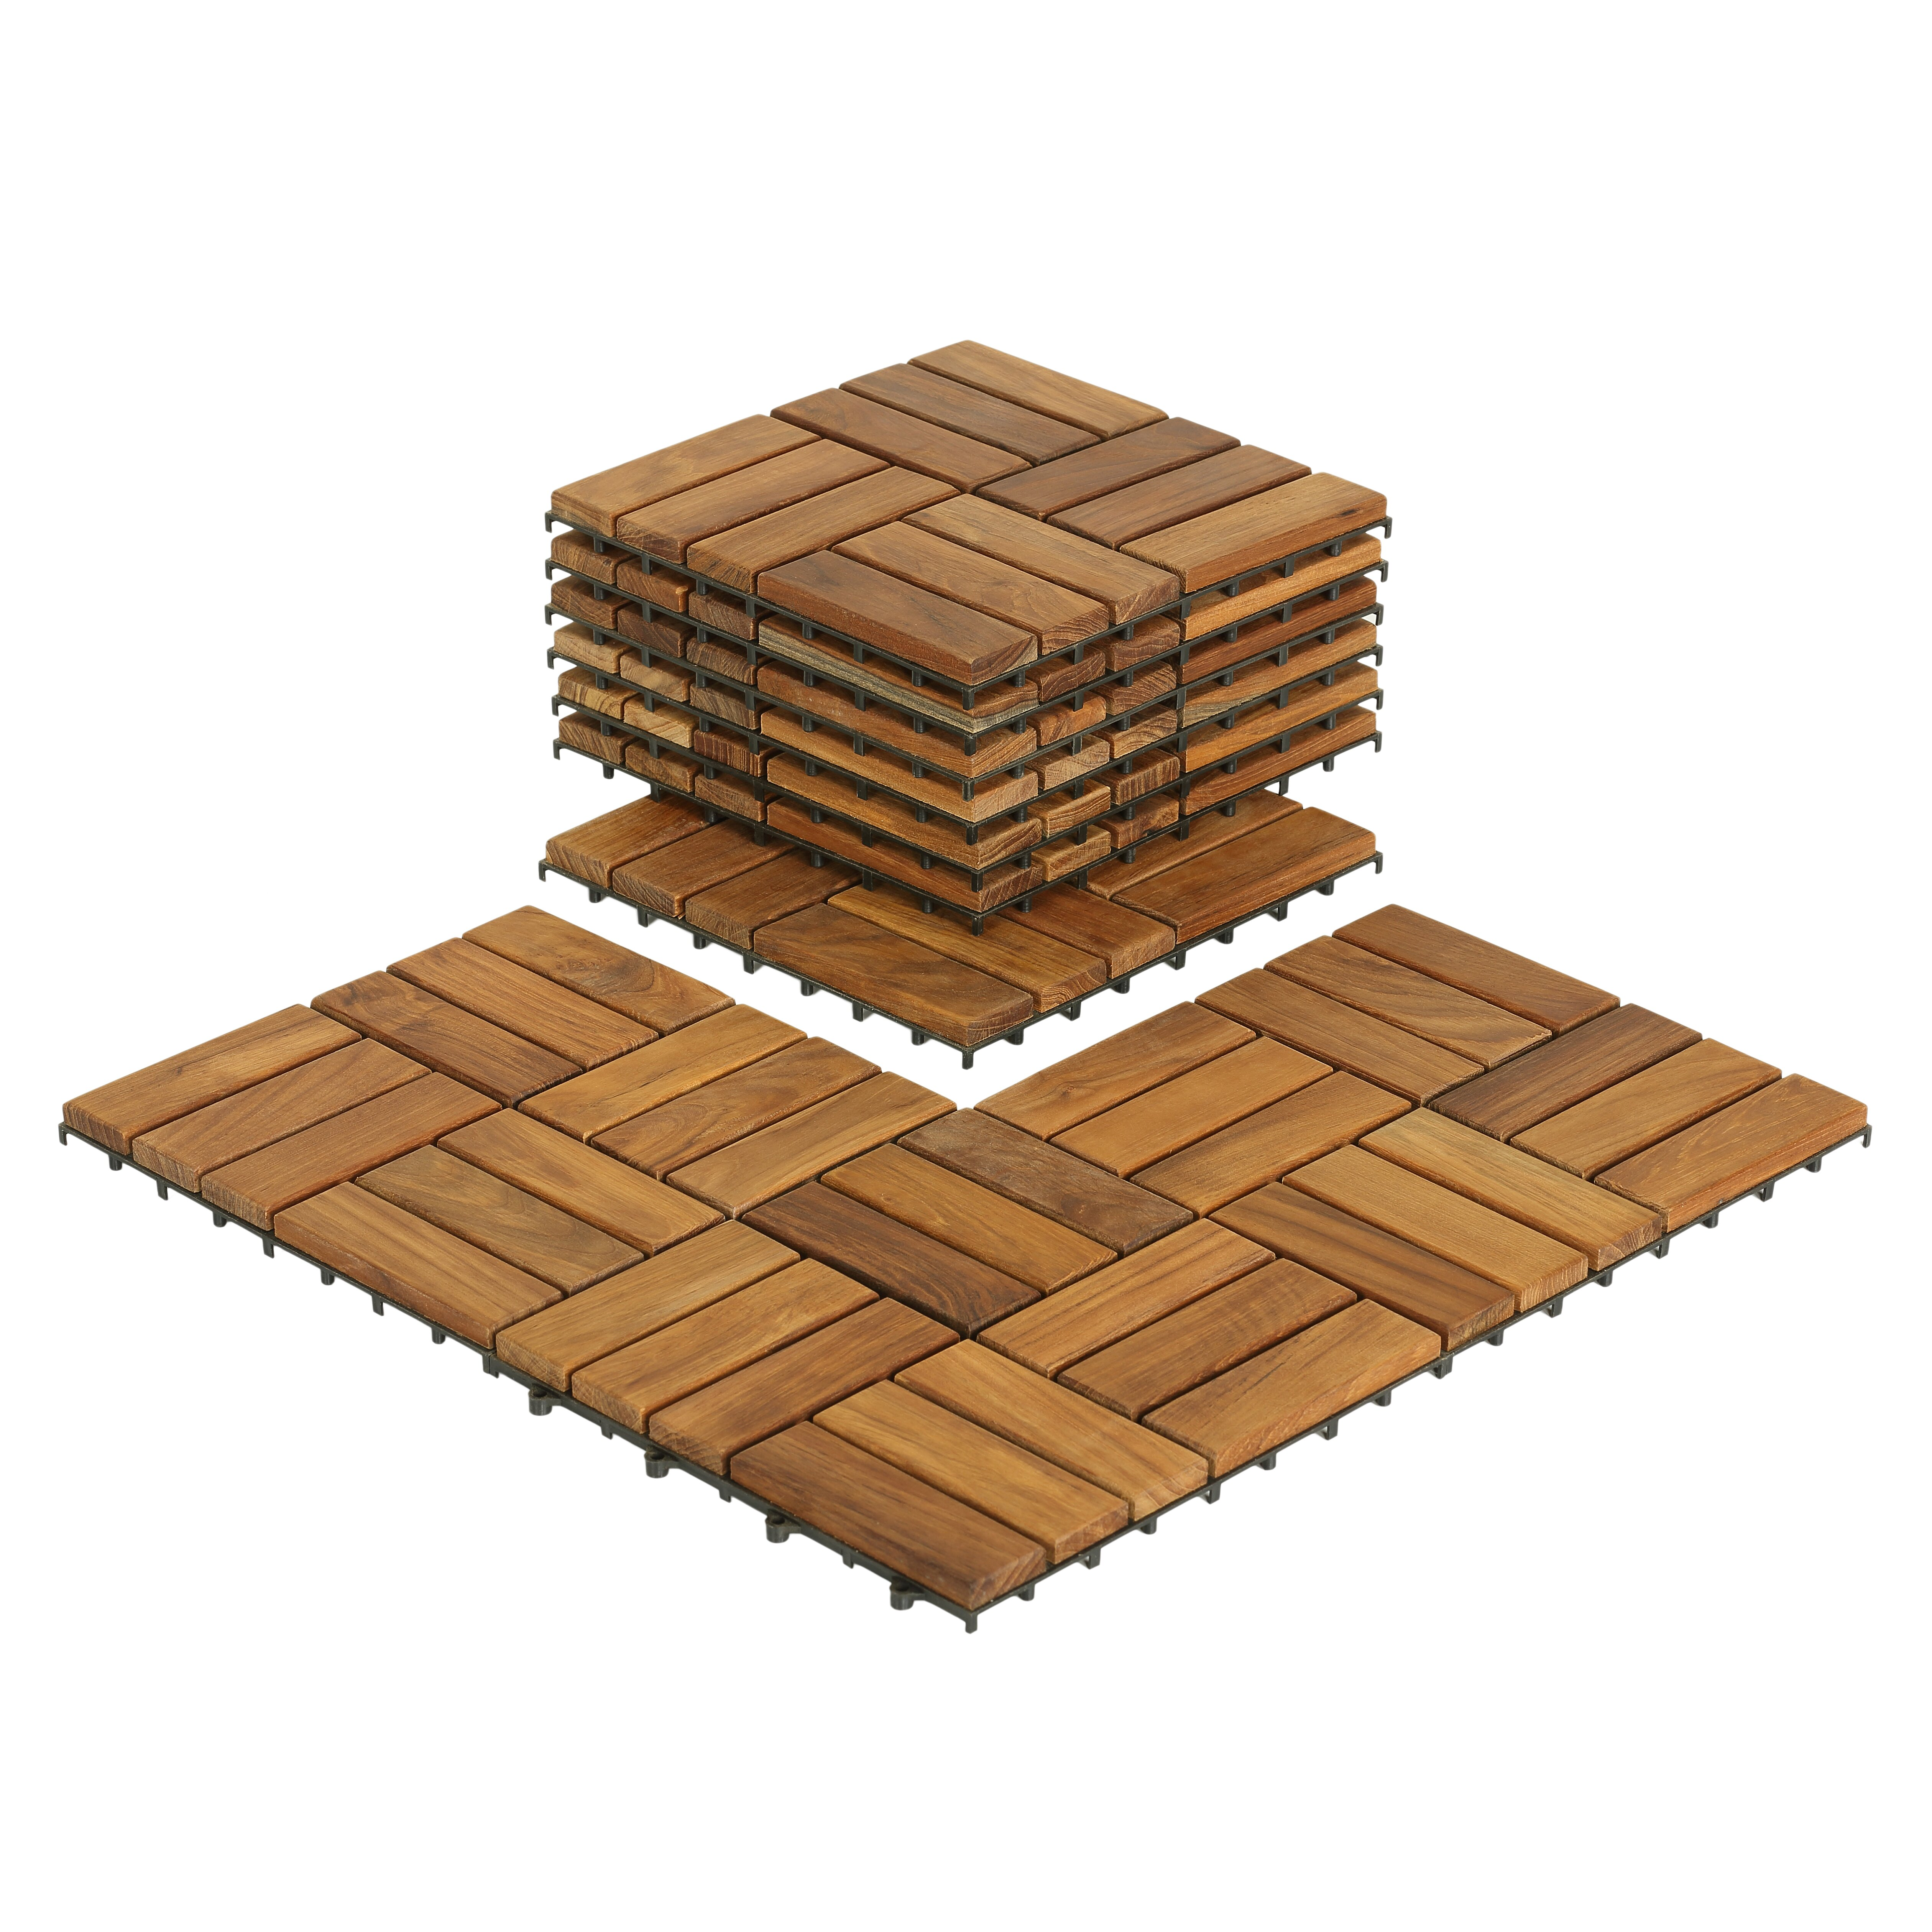 Interlocking Kitchen Floor Tiles Baredecor Ez Floor Wood 12 X 12 Interlocking Flooring Tile Trim